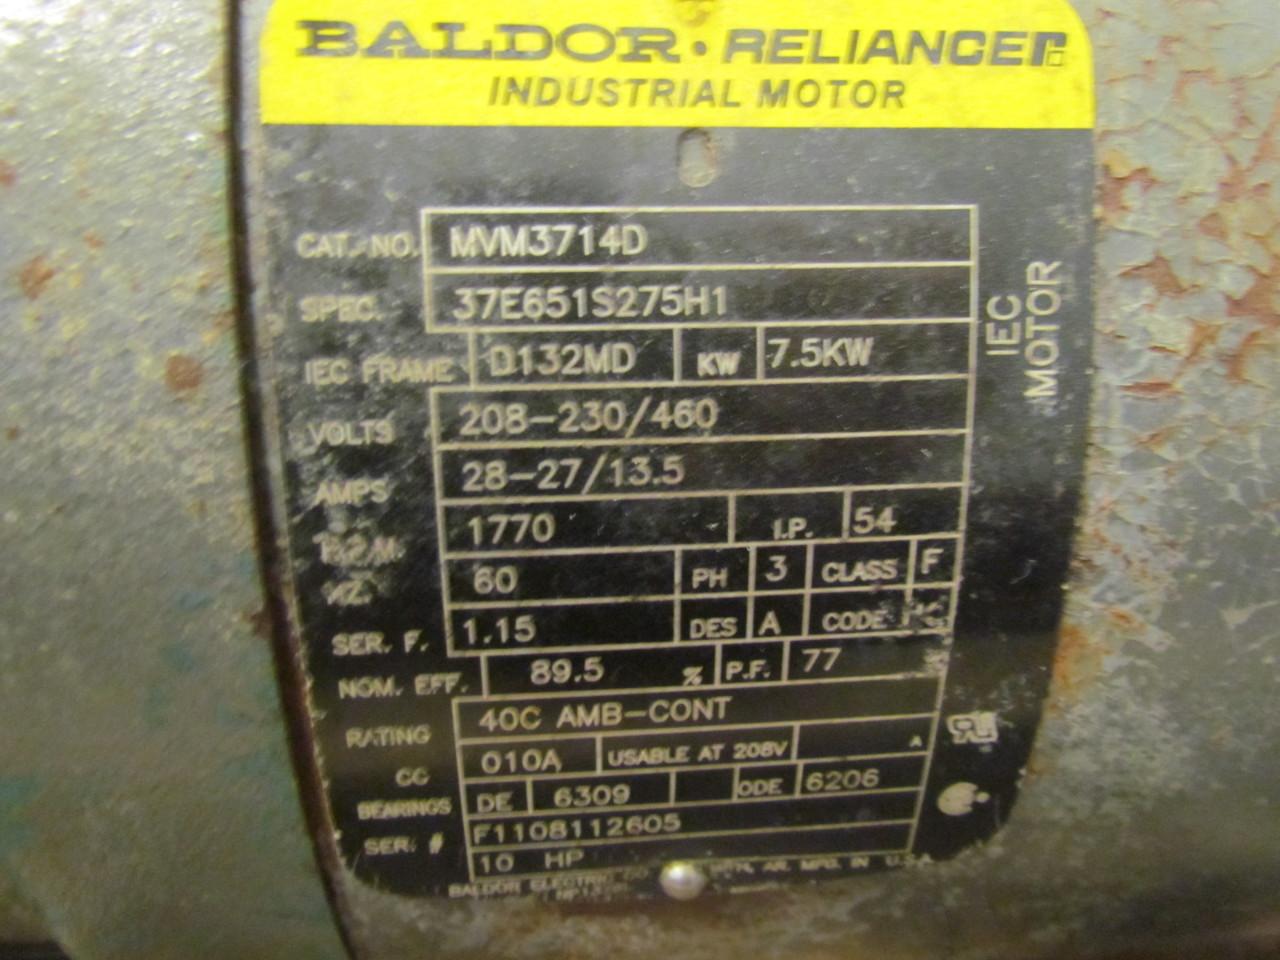 Baldor reliance mvm3714d 10 hp 3ph 208 230 460 volt for Reliance dc motor frame size chart